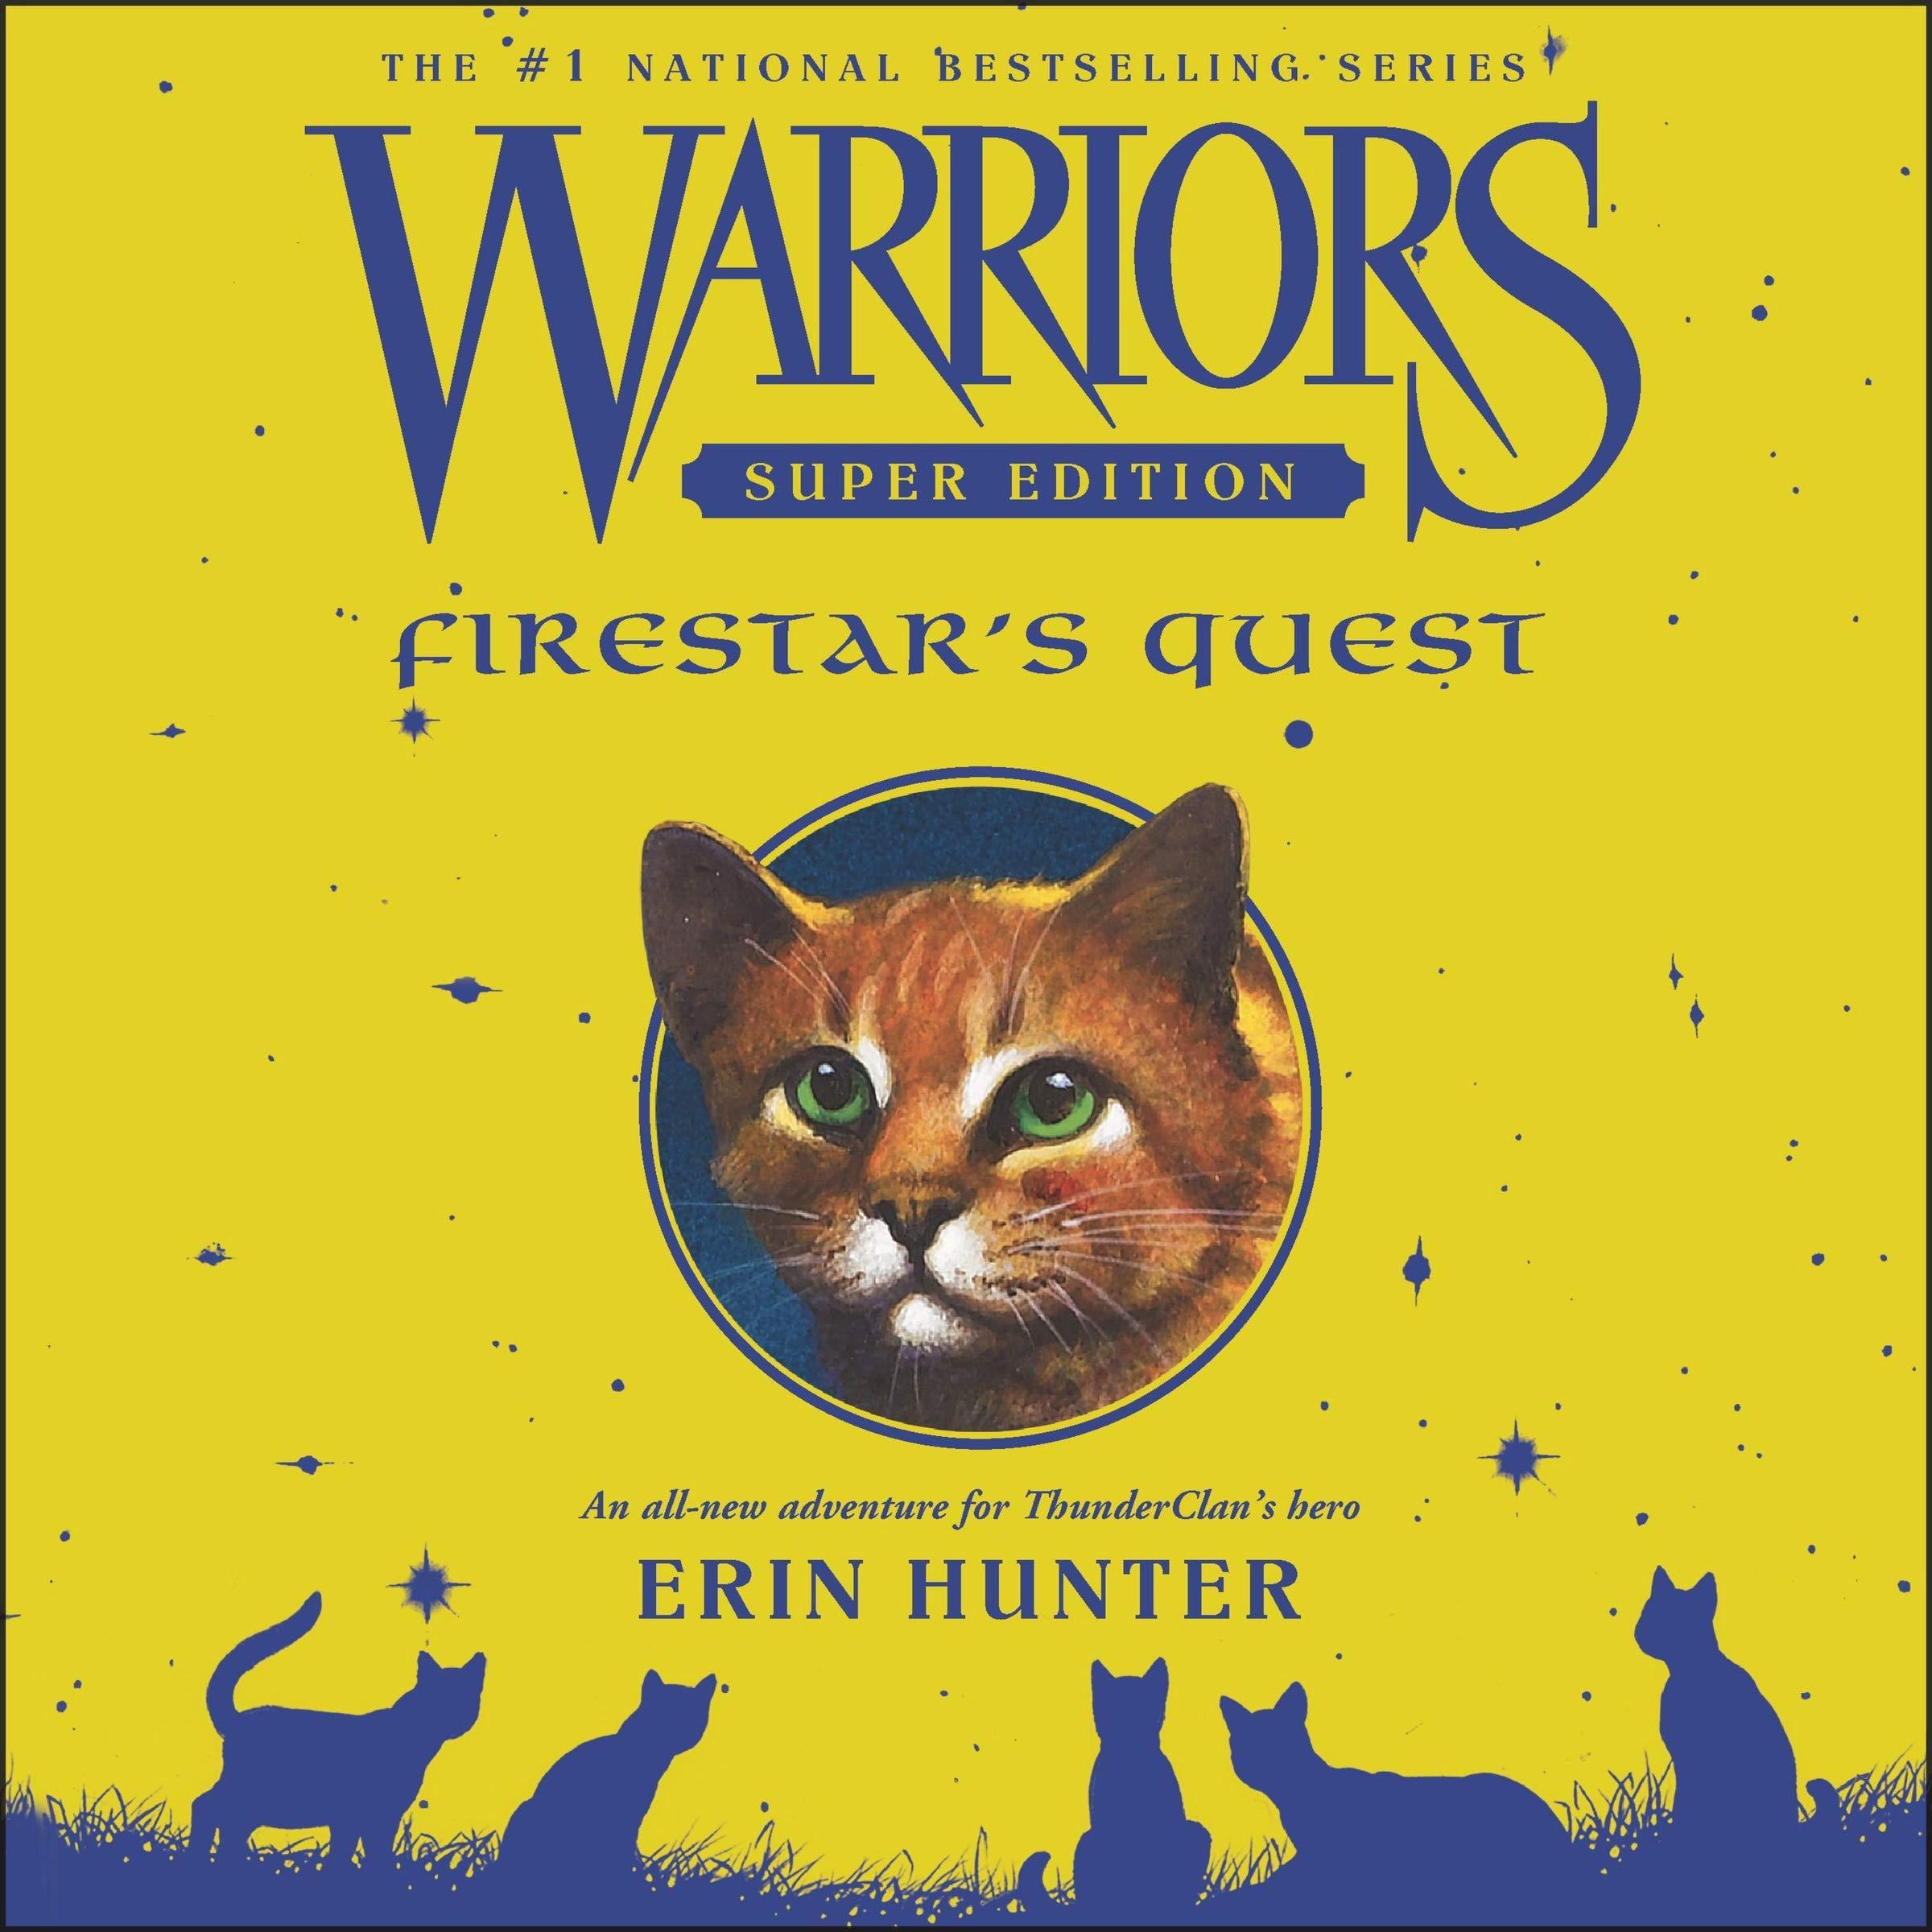 Read Firestars Quest Warriors Super Edition 1 By Erin Hunter